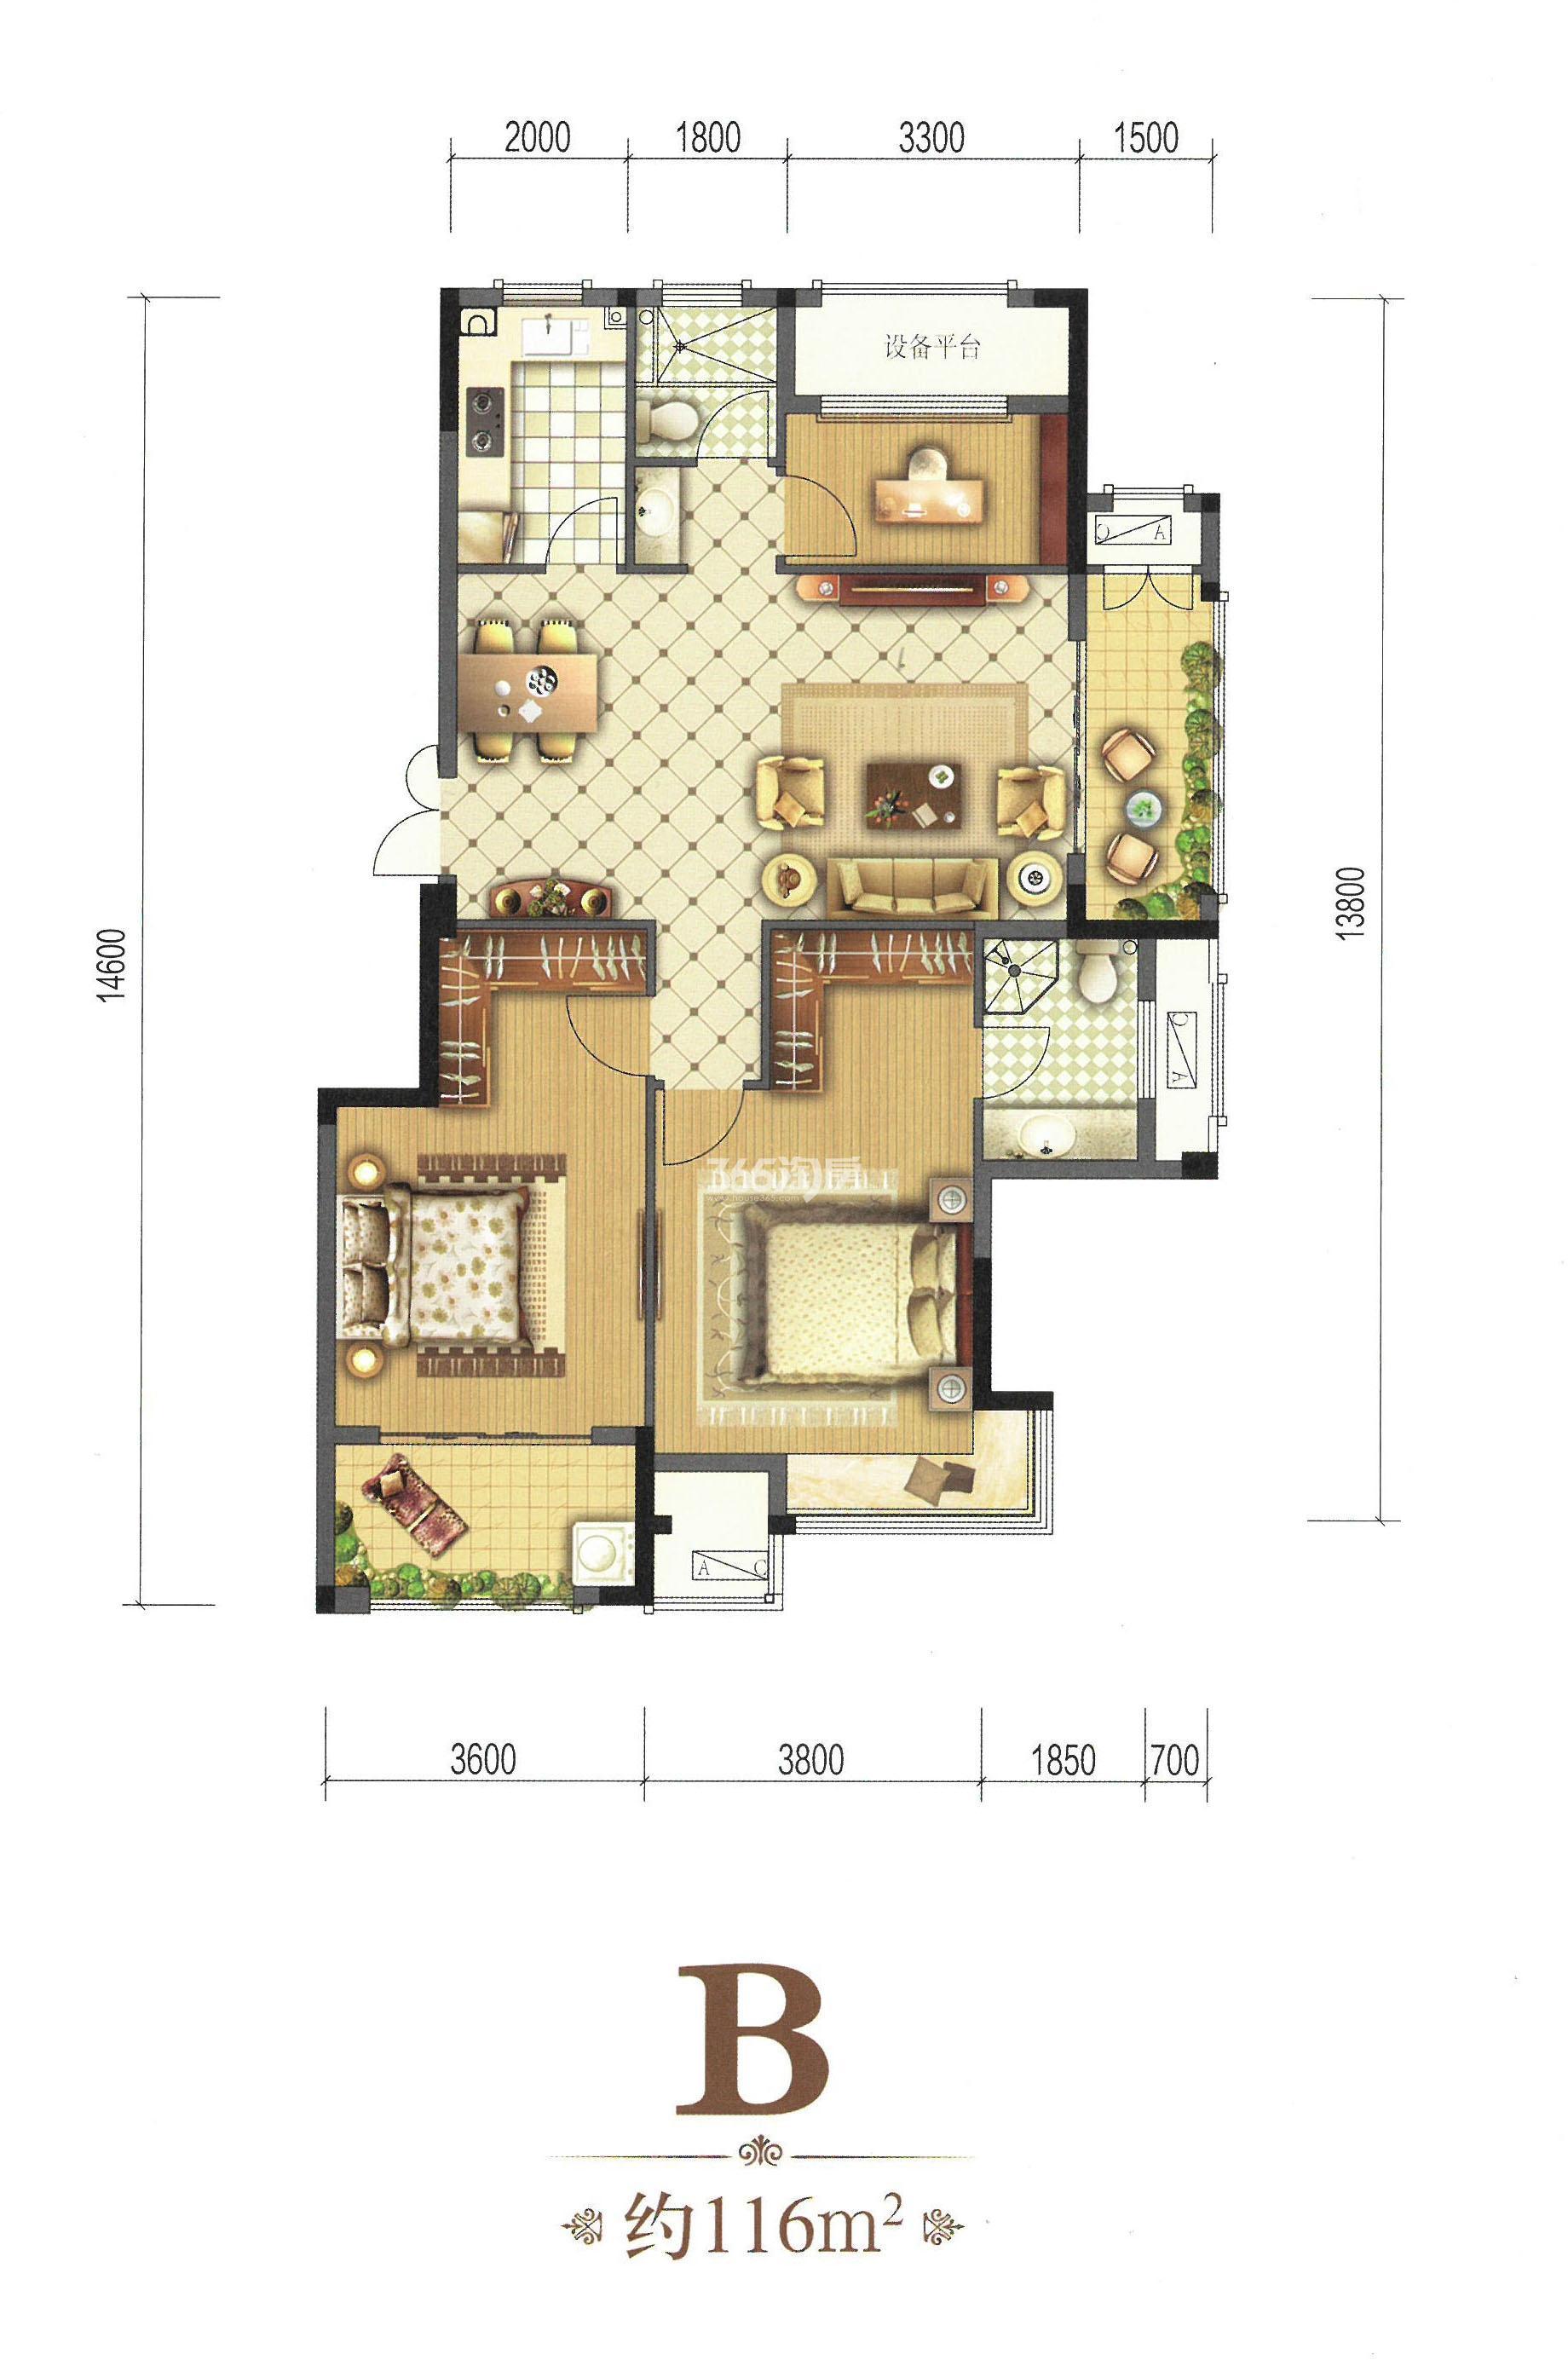 B-116㎡ 三房两厅两卫一厨